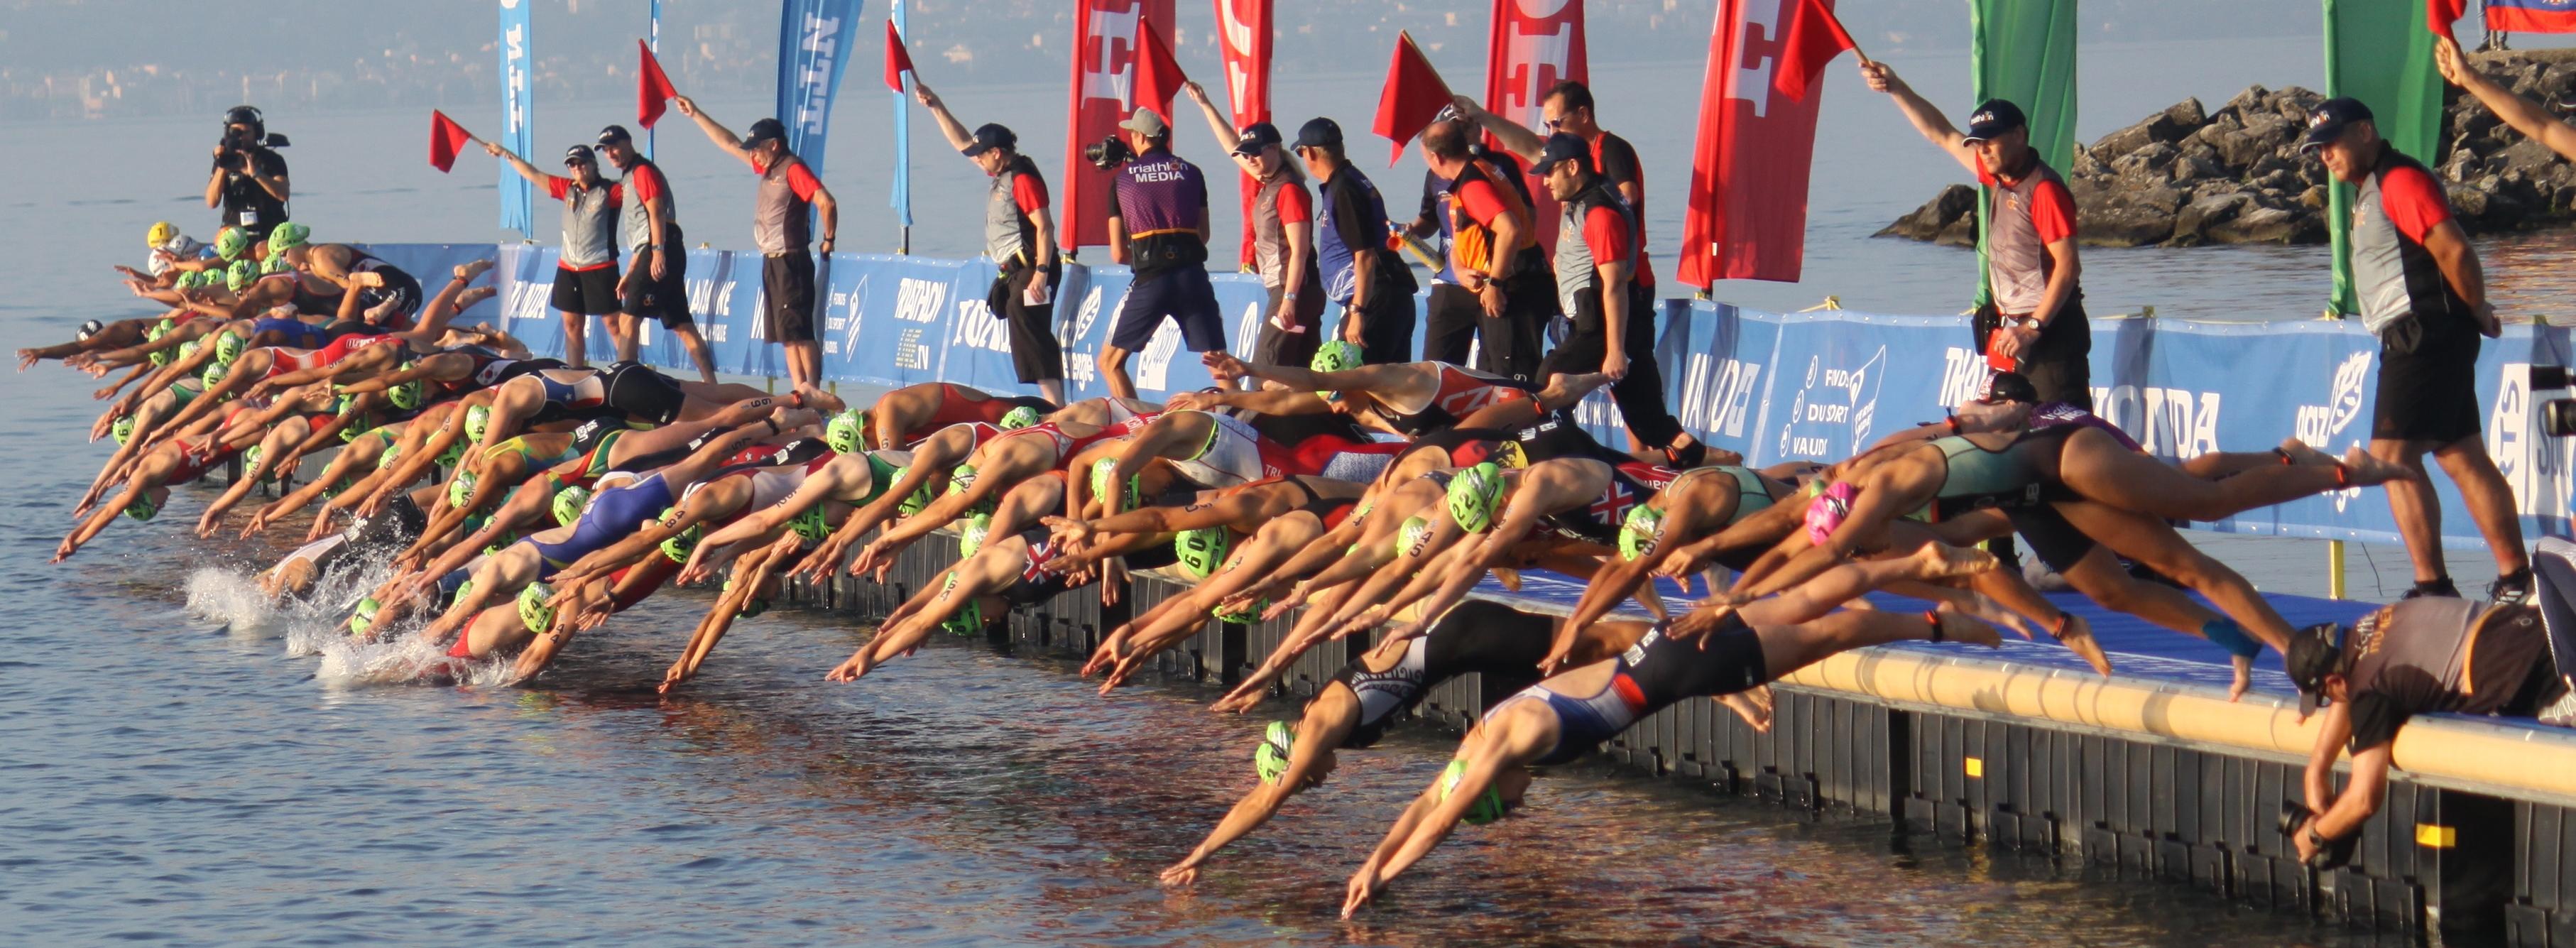 Start Juniorek do Mistrzostw Śiata w Triathlonie - Lozanna 2019